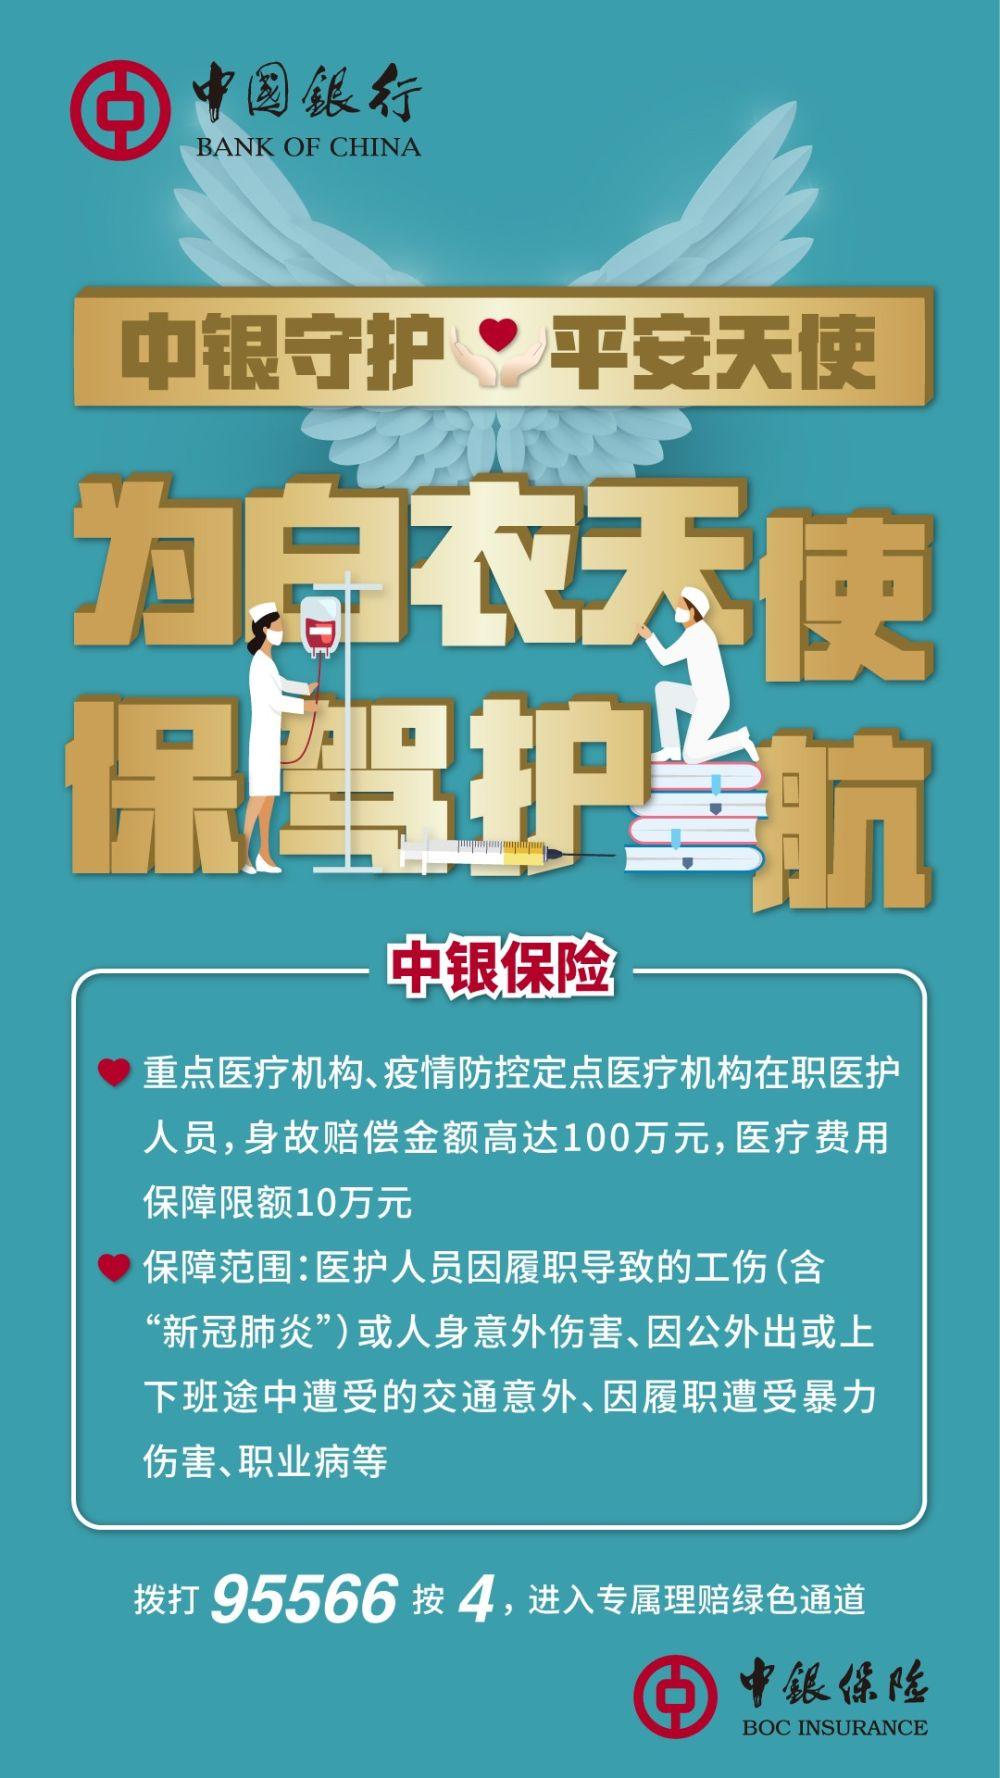 中國銀行向抗疫一線醫護人員贈送保險12萬份